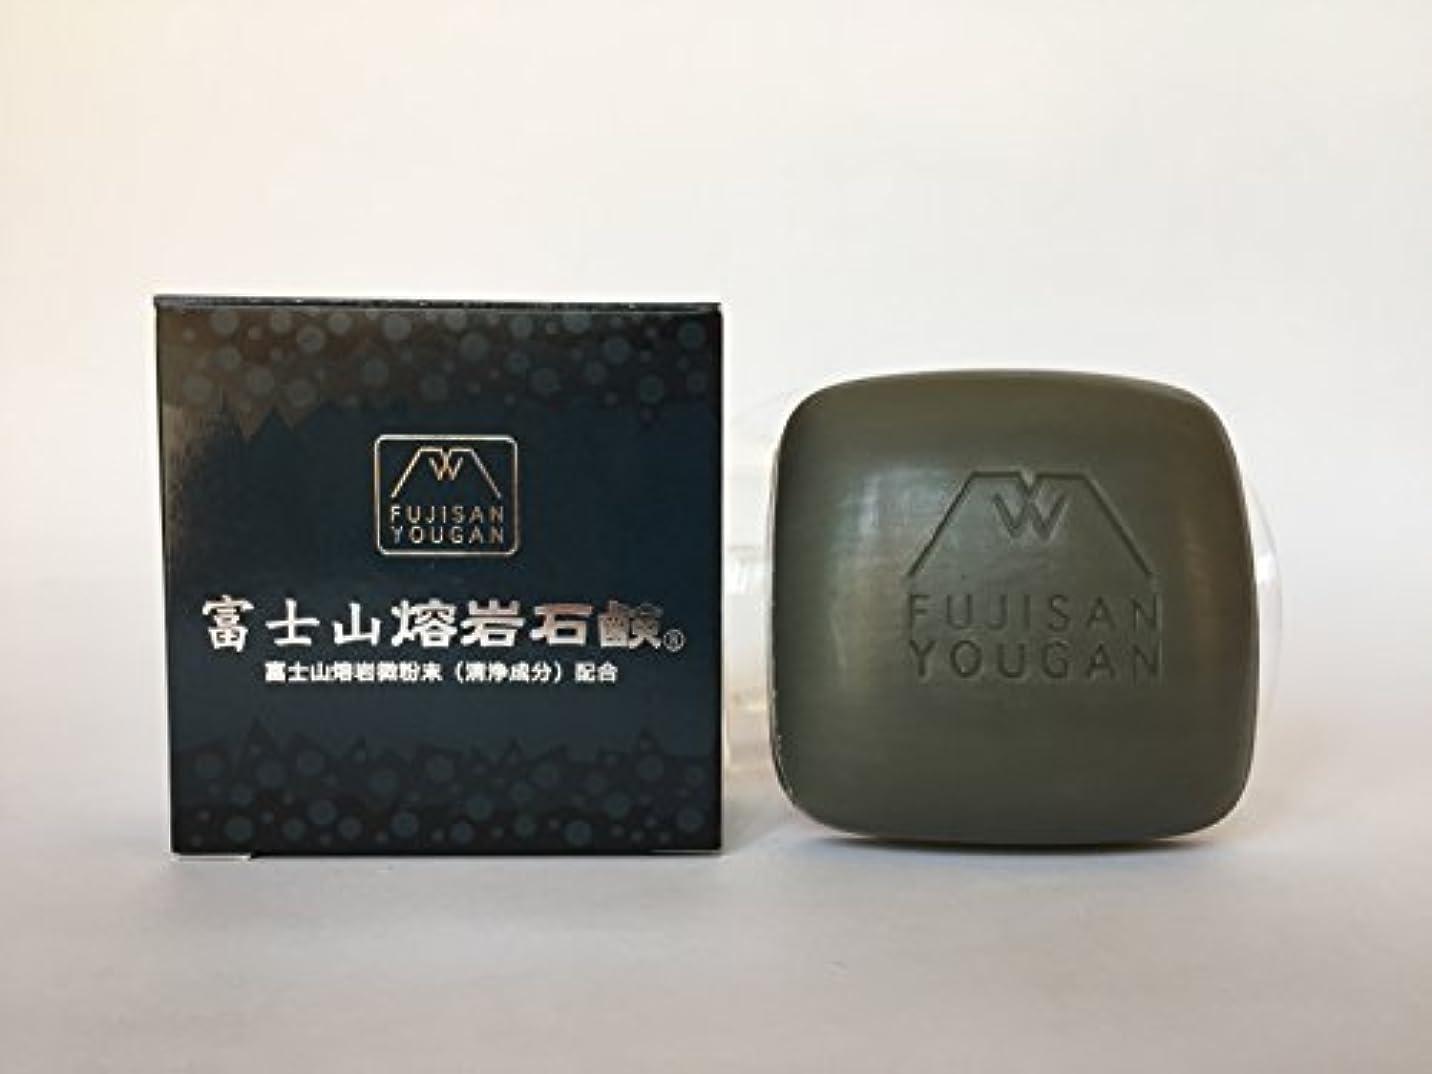 なる引き潮文富士山溶岩石鹸 100g/個×2個セット